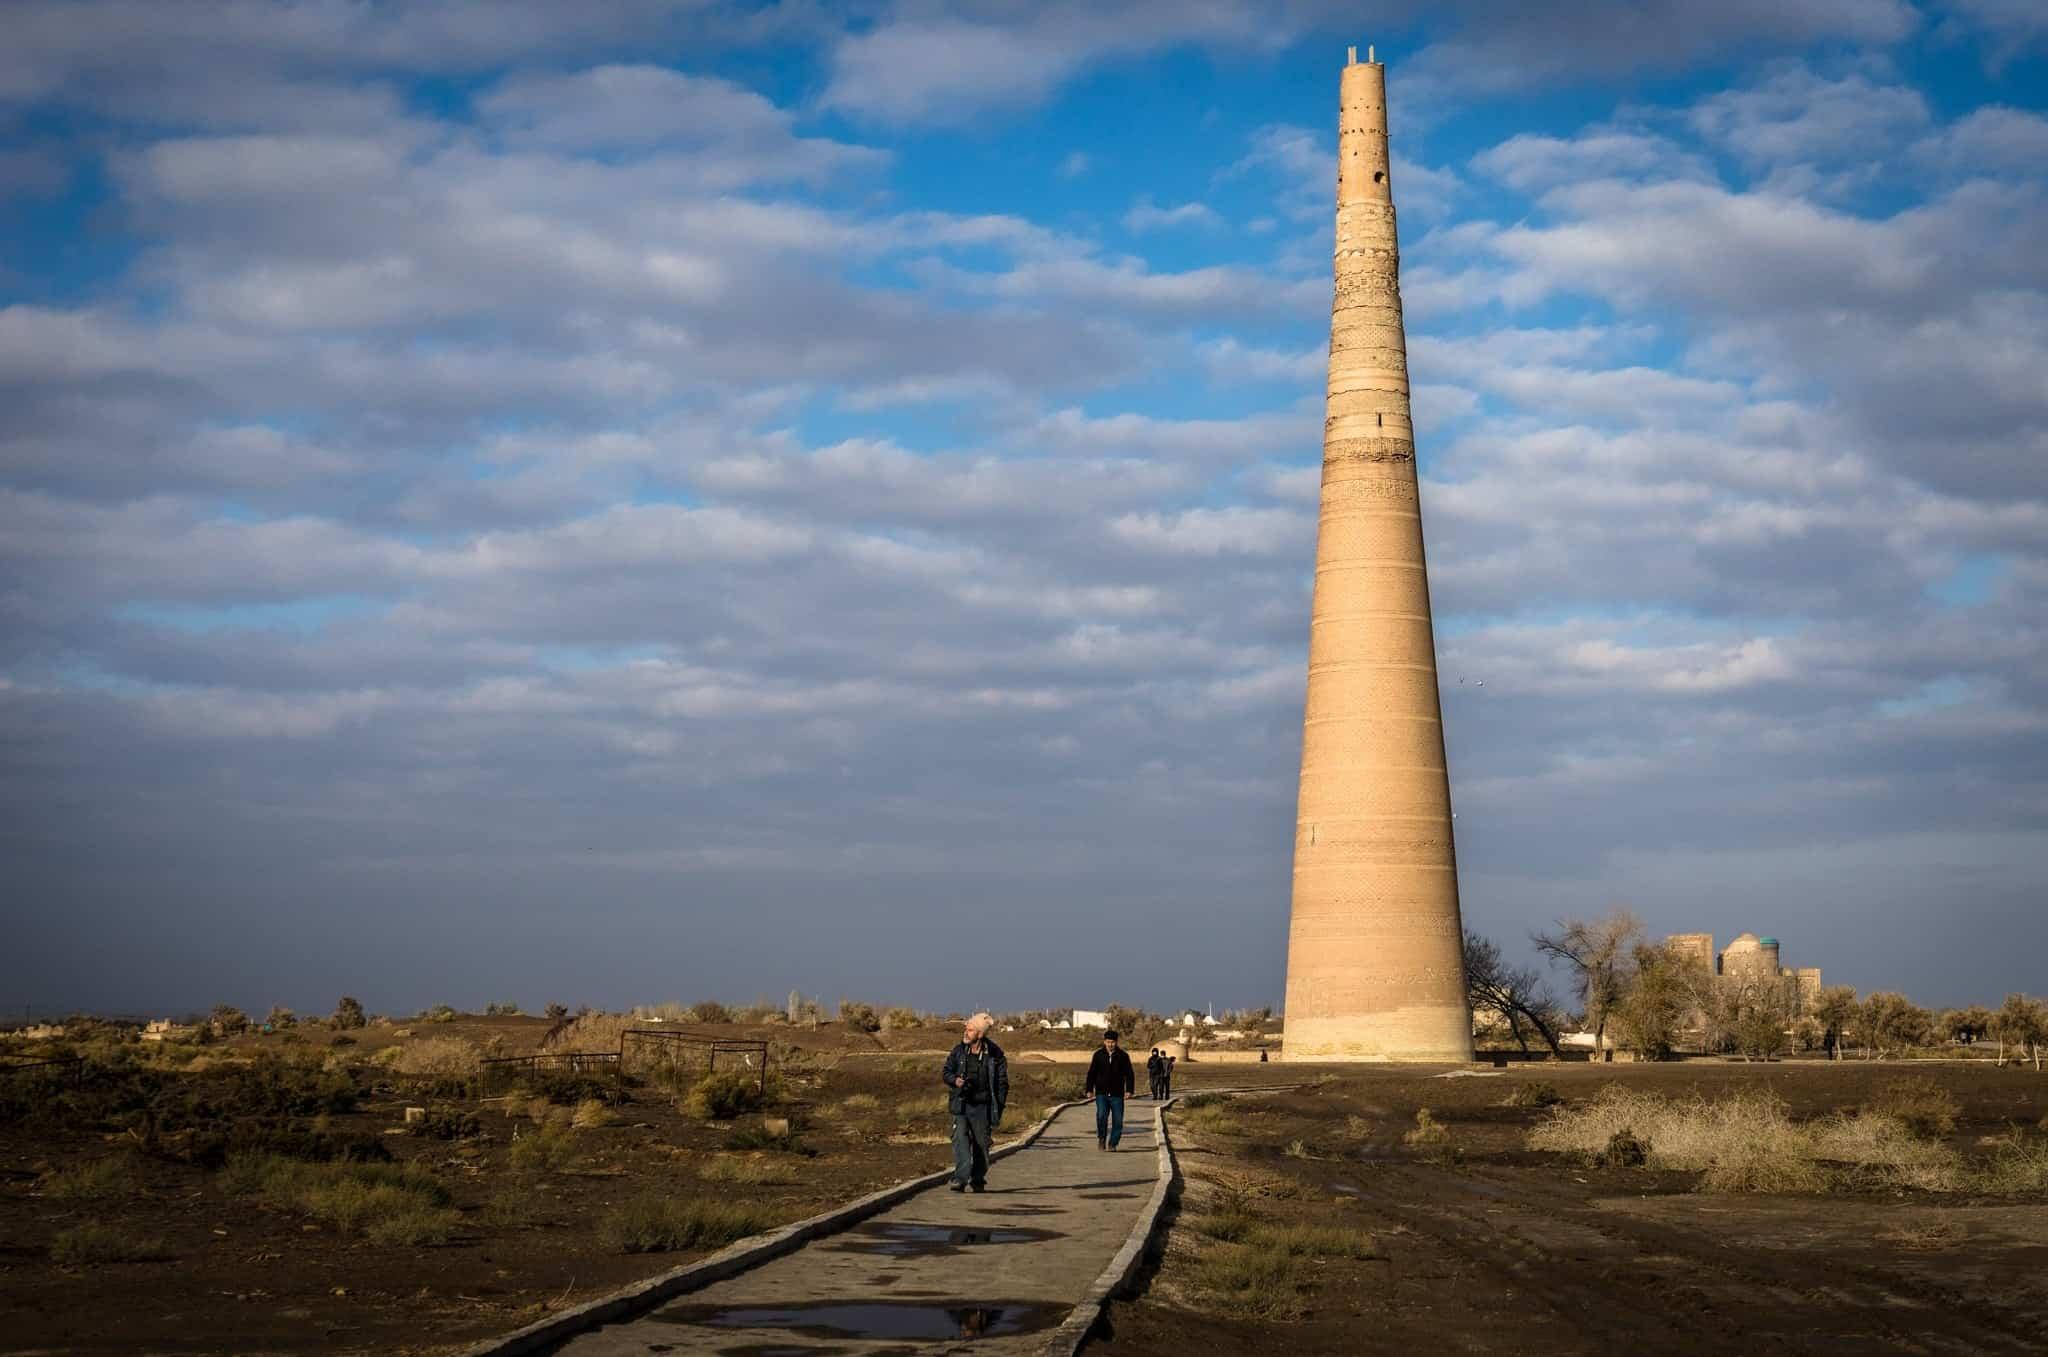 Kutlug Timur Minaret Silk Road Photo Journey